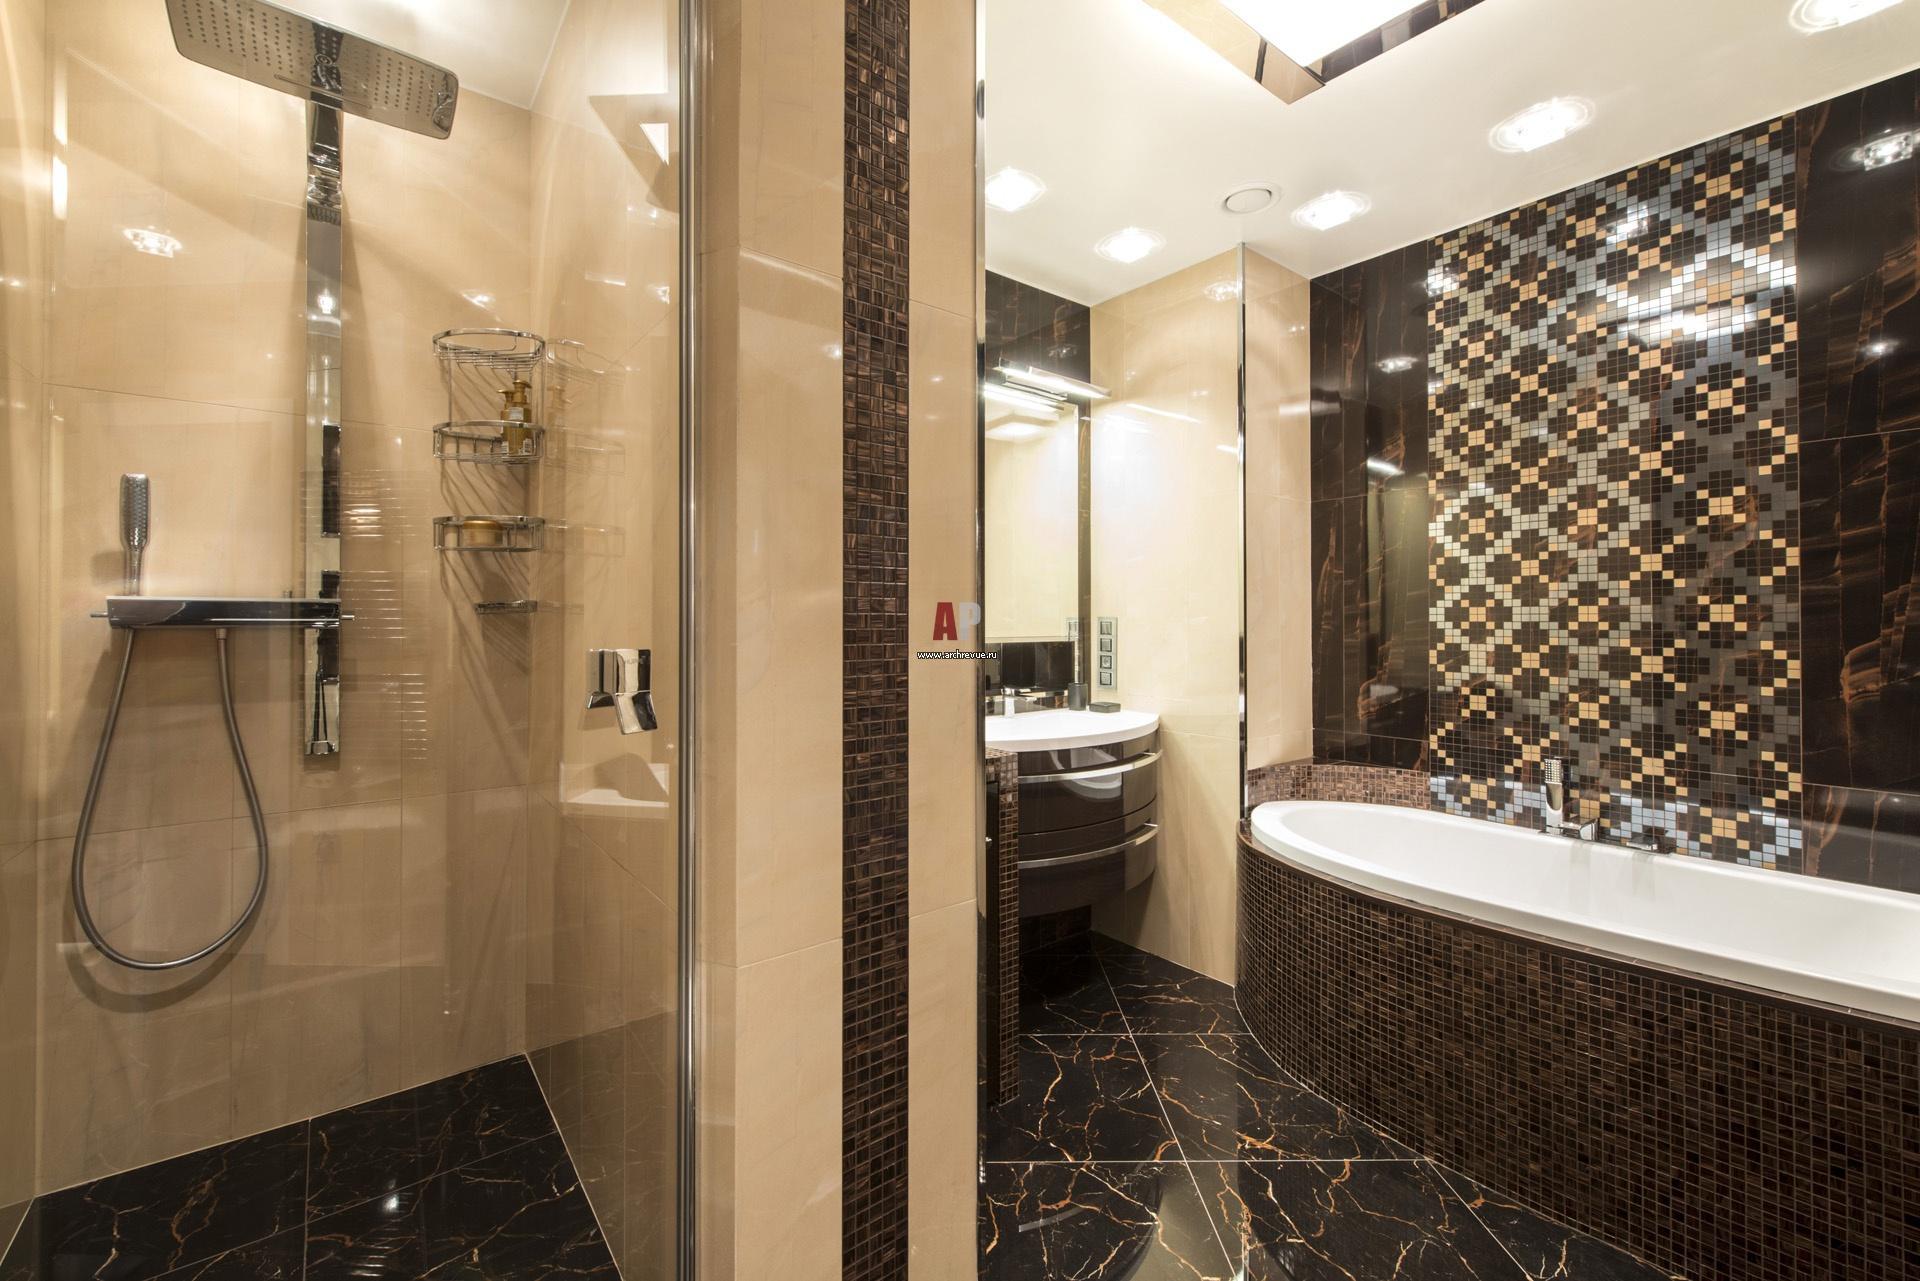 Дизайн интерьера ванной с мозаикой